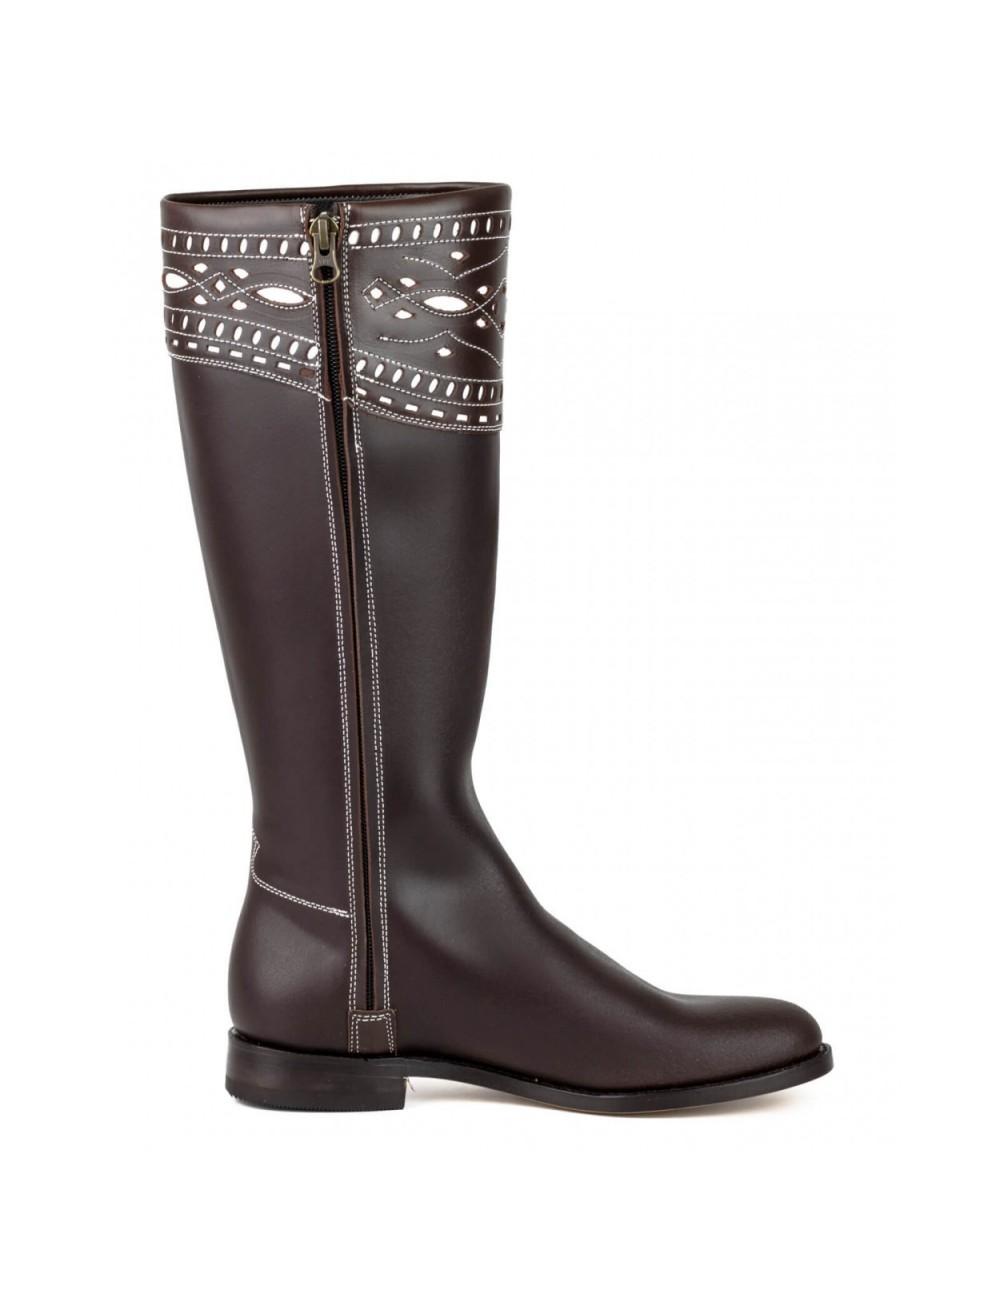 vente chaude en ligne 4c1d1 450e0 Bottes cavalières espagnoles cuir marron femme